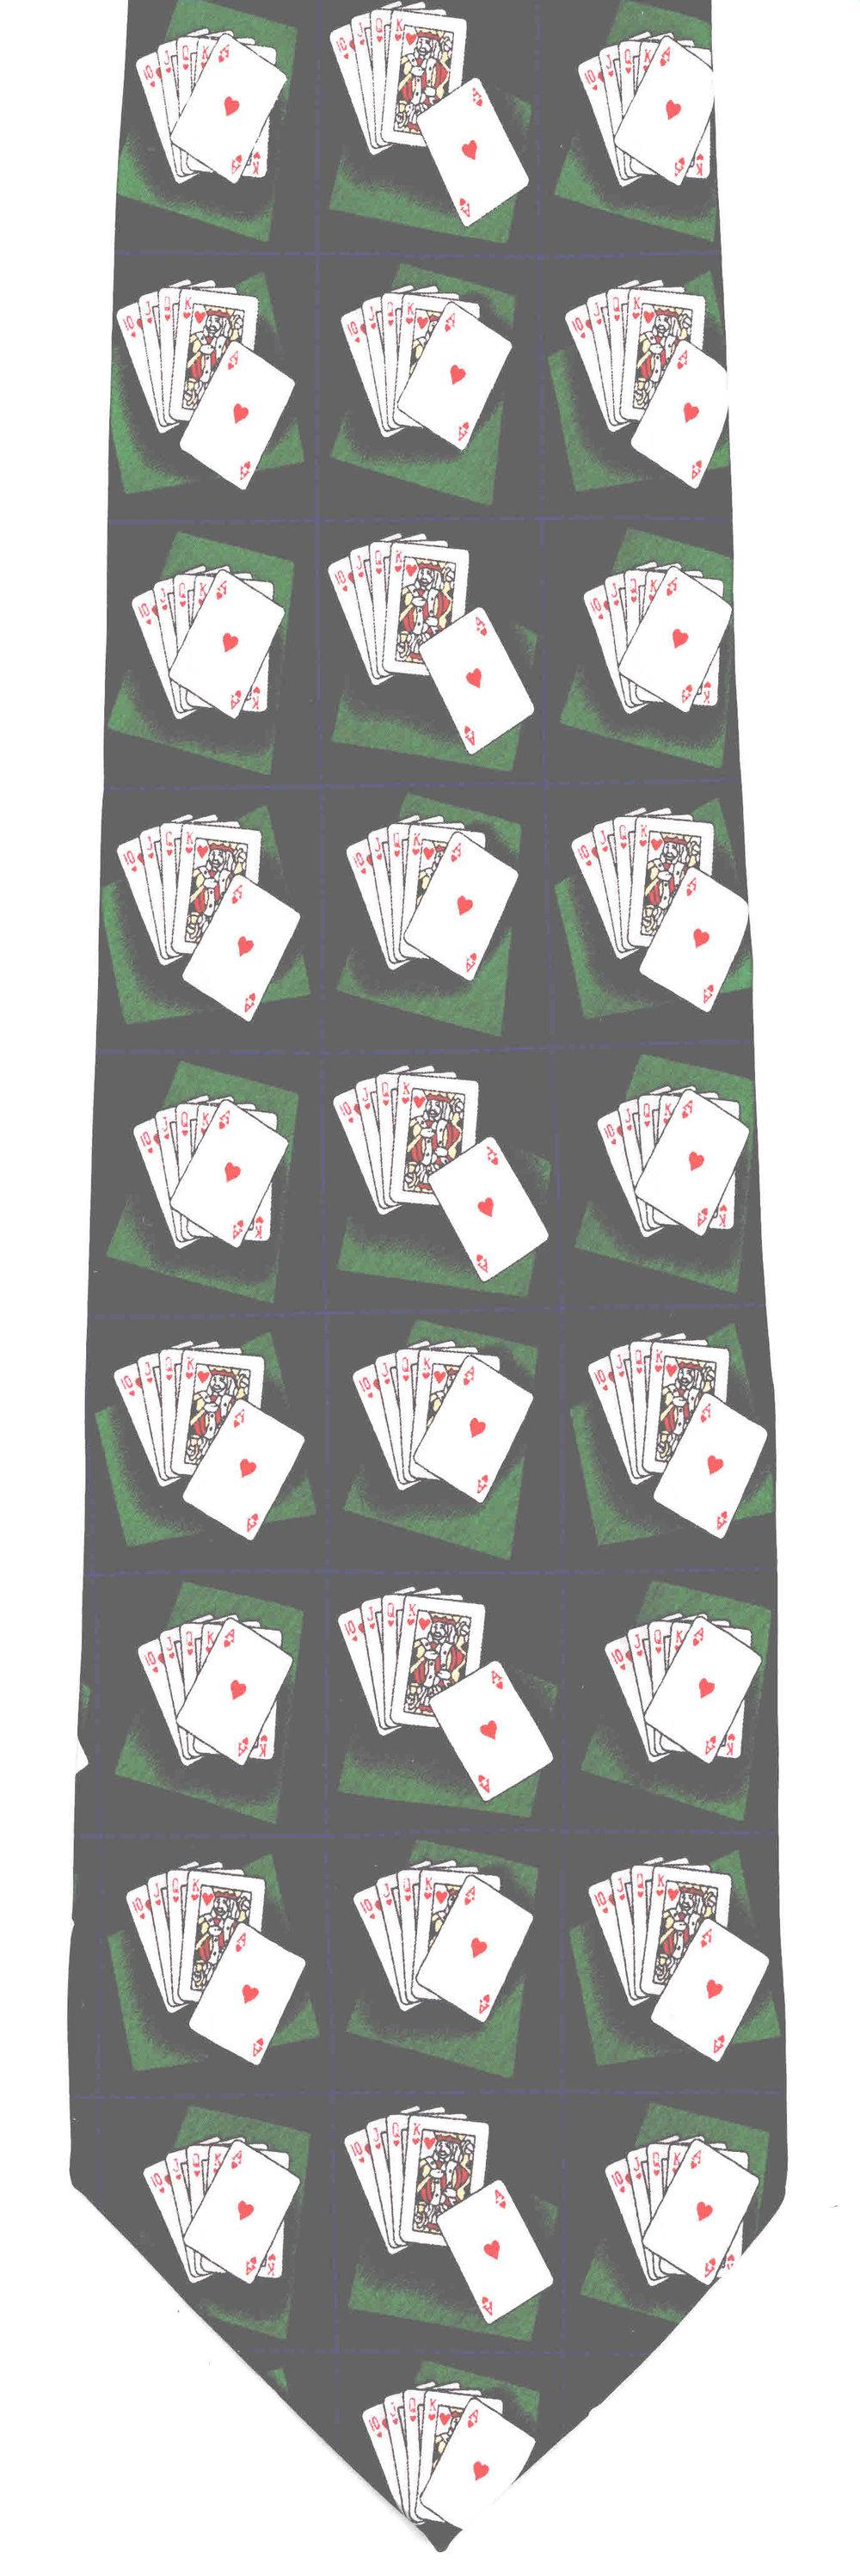 066 Black Poker Hands.jpg